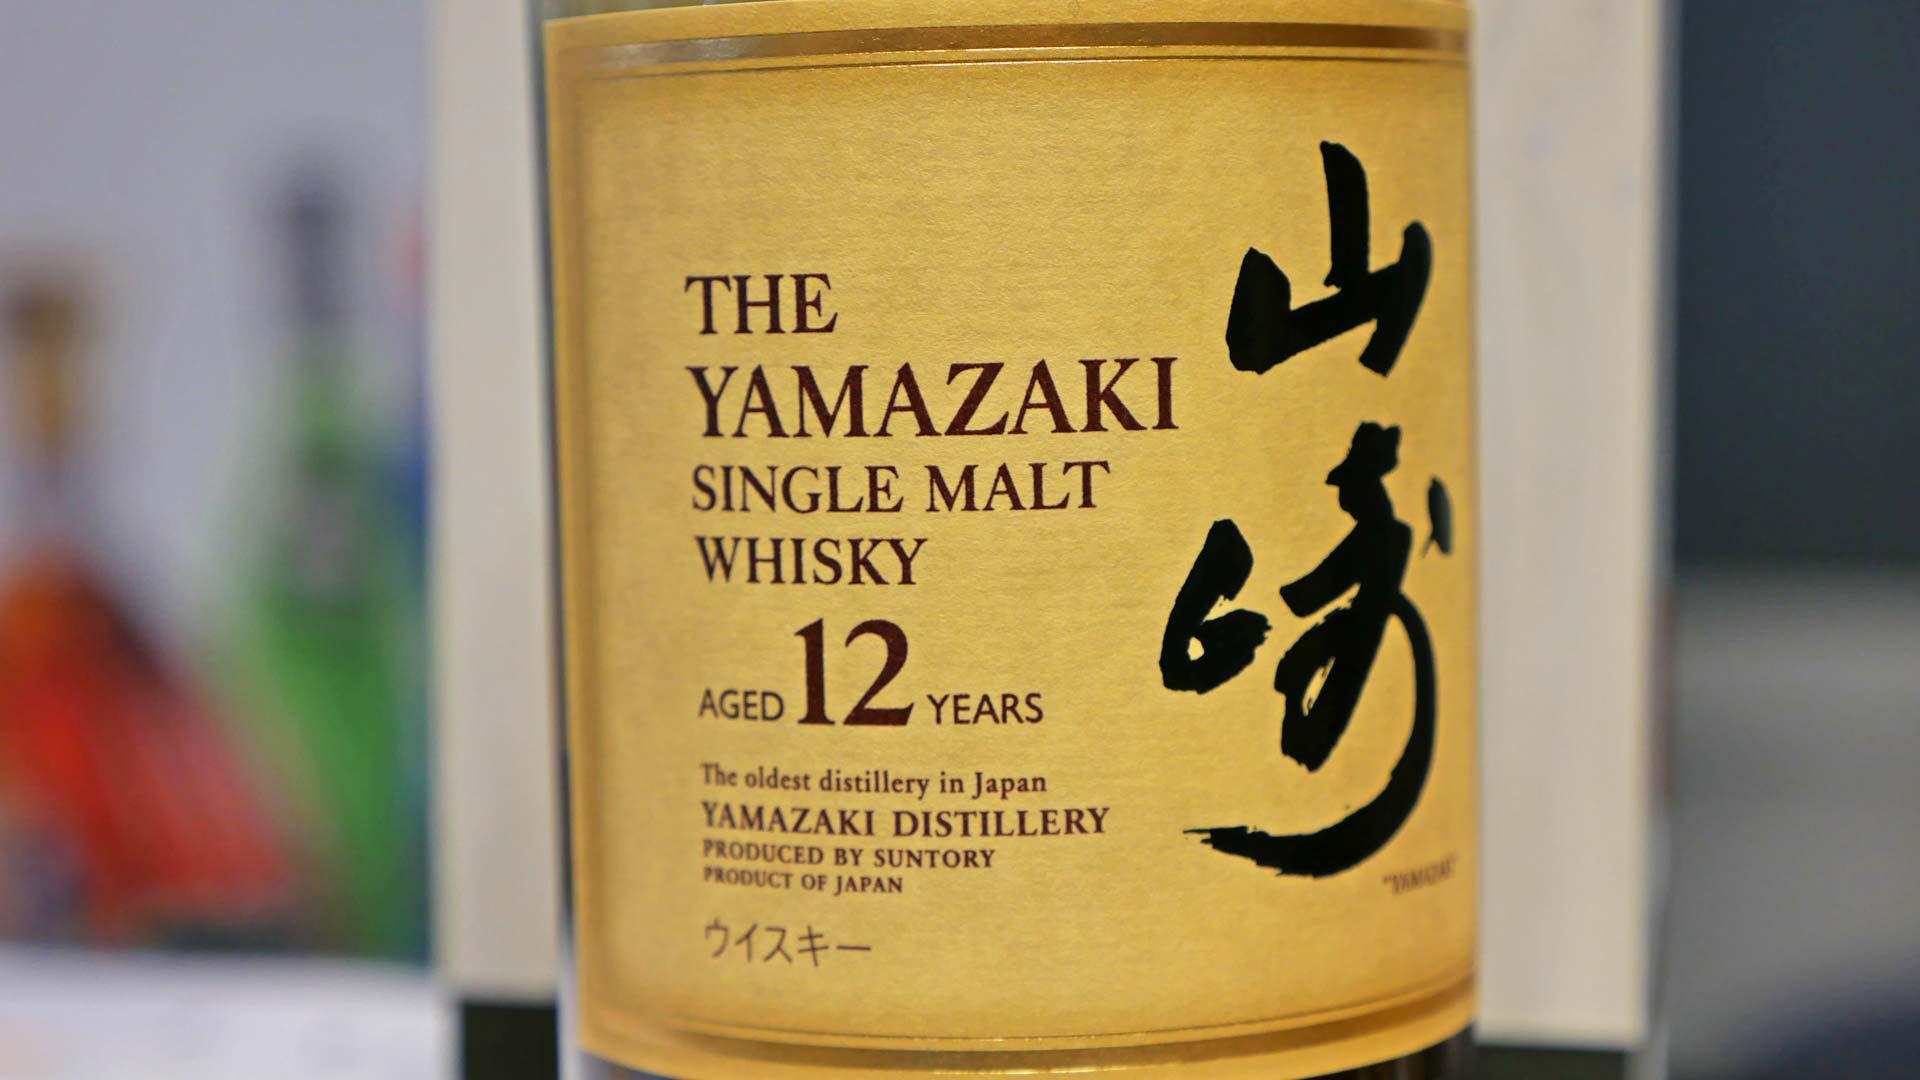 Auch auf die Gestaltung der Etiketten und Flaschen wird bei japanischen Whiskys oft großer Wert gelegt. Hier das Etikett des Yamazaki 12 Jahre (Foto: Malt Whisky)